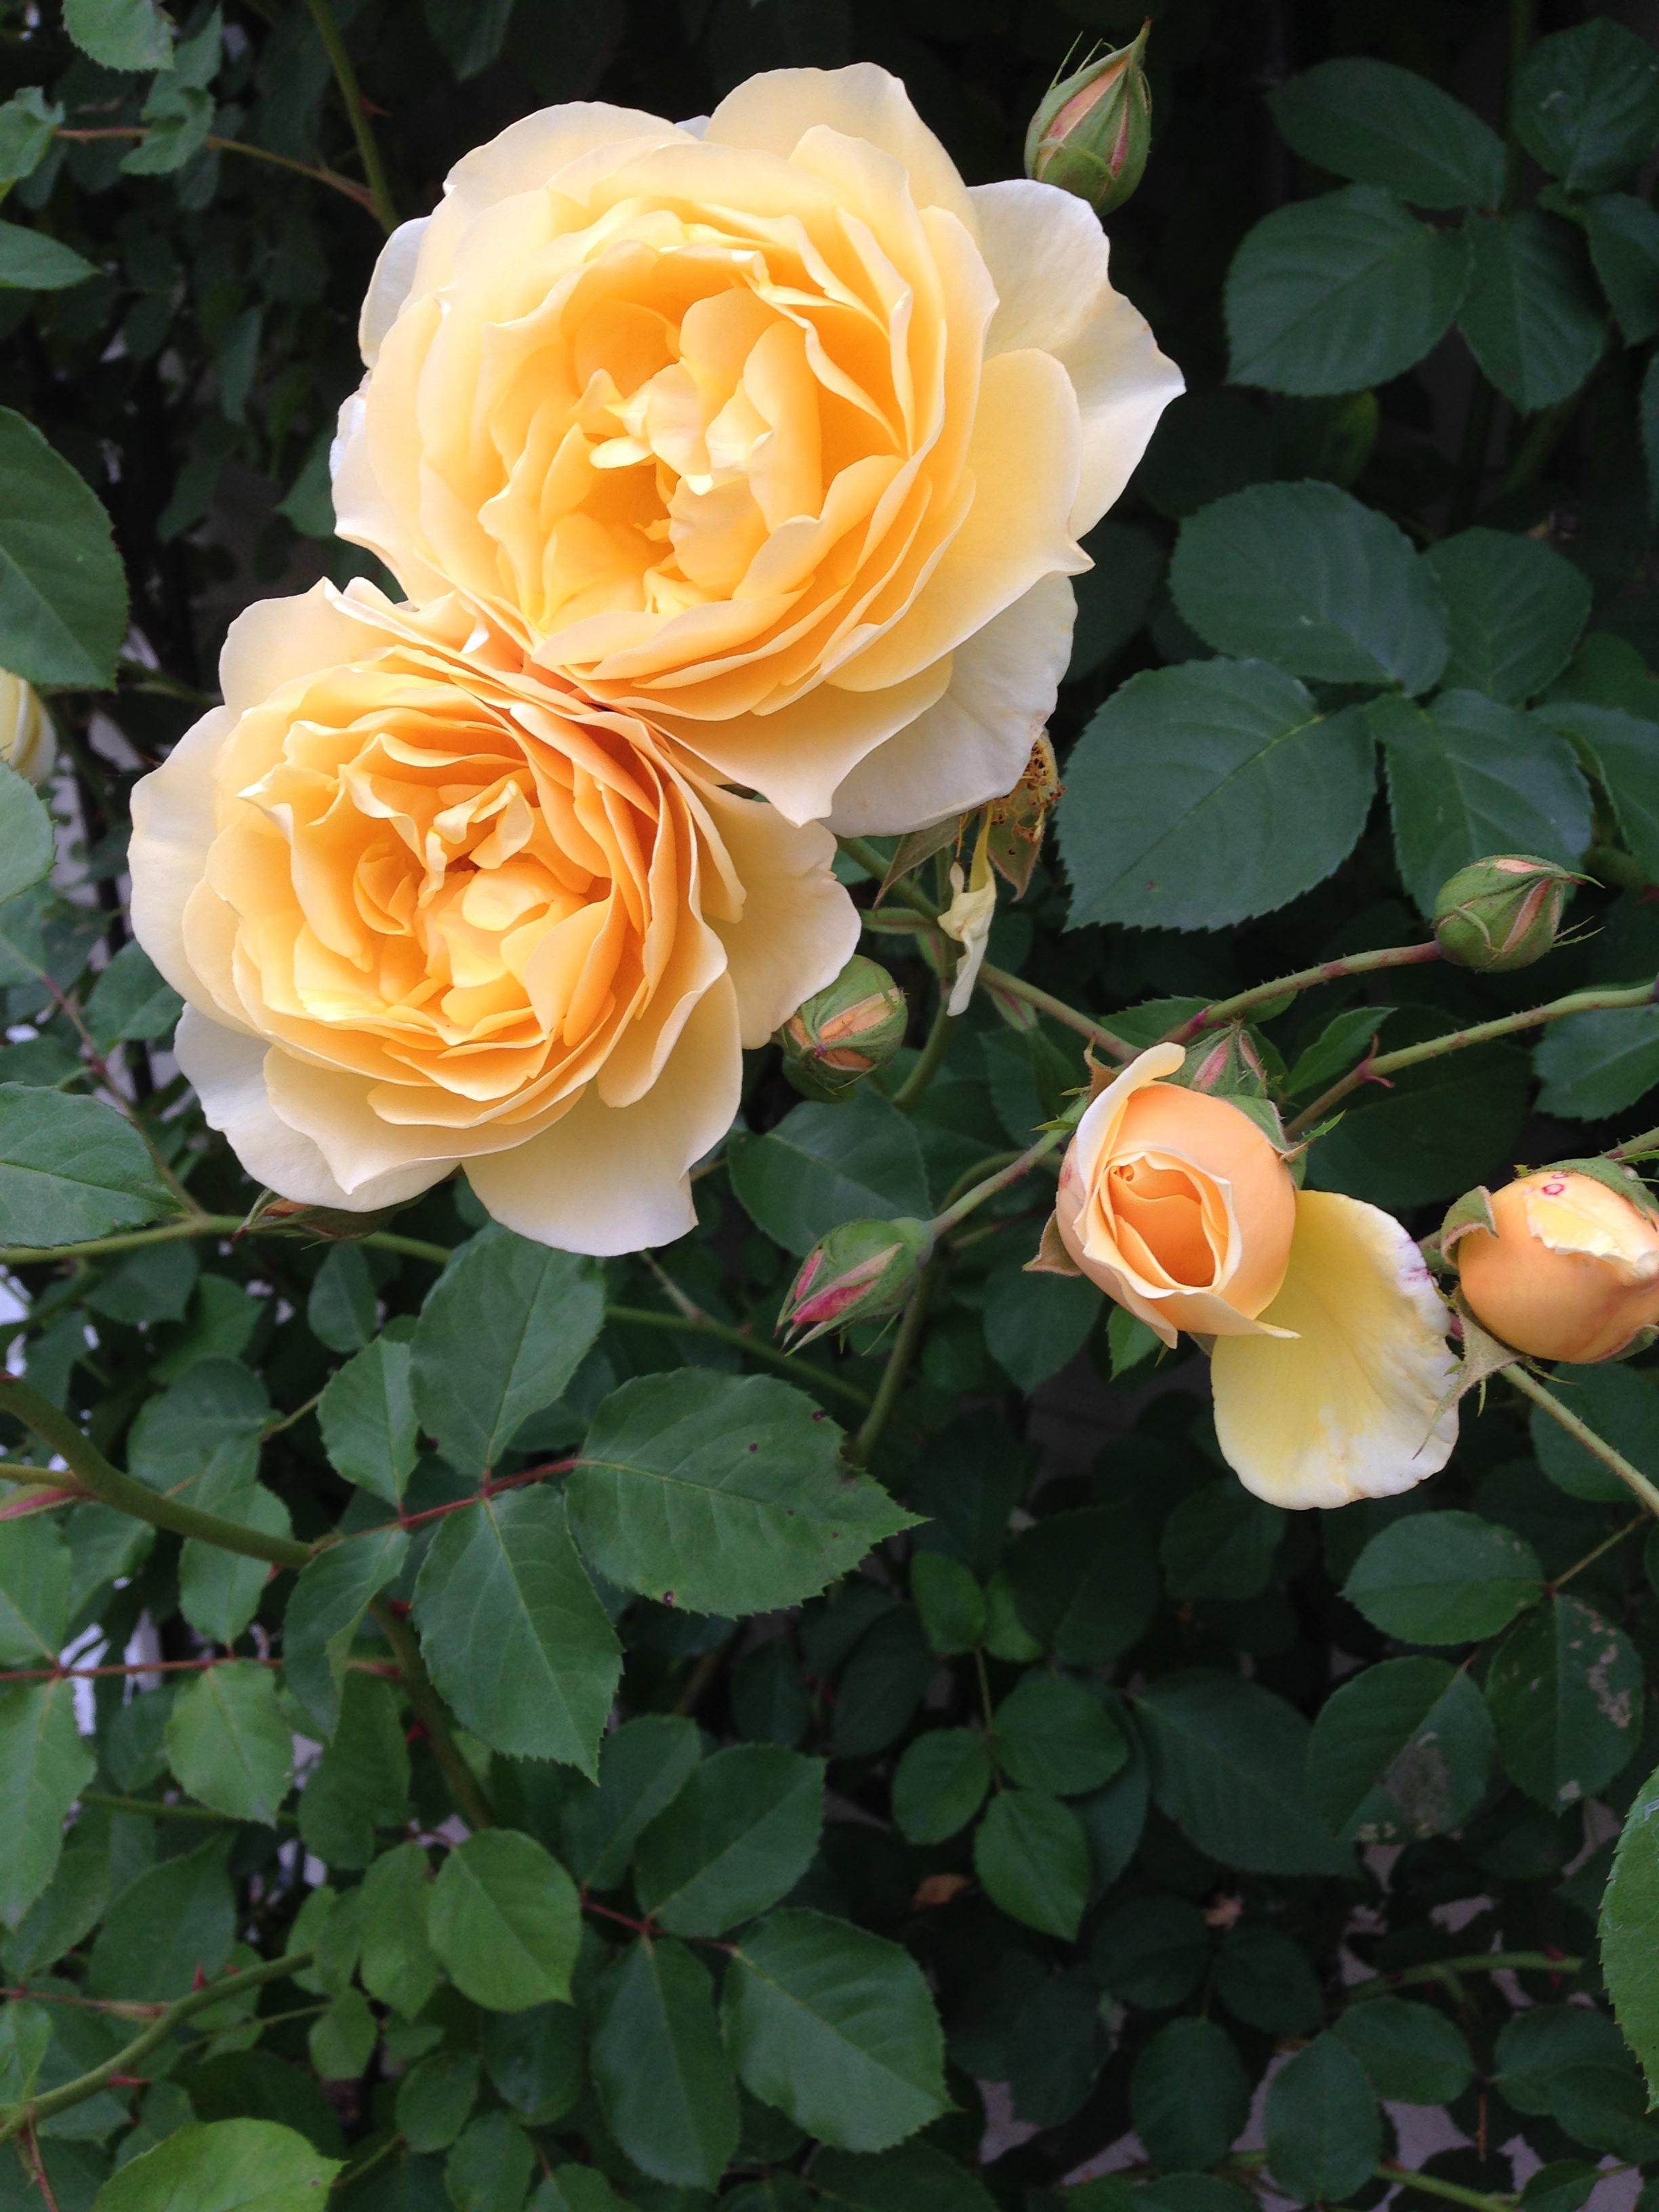 Rosa graham thomas blossoms ongardening rosa graham thomas blossoms thecheapjerseys Images